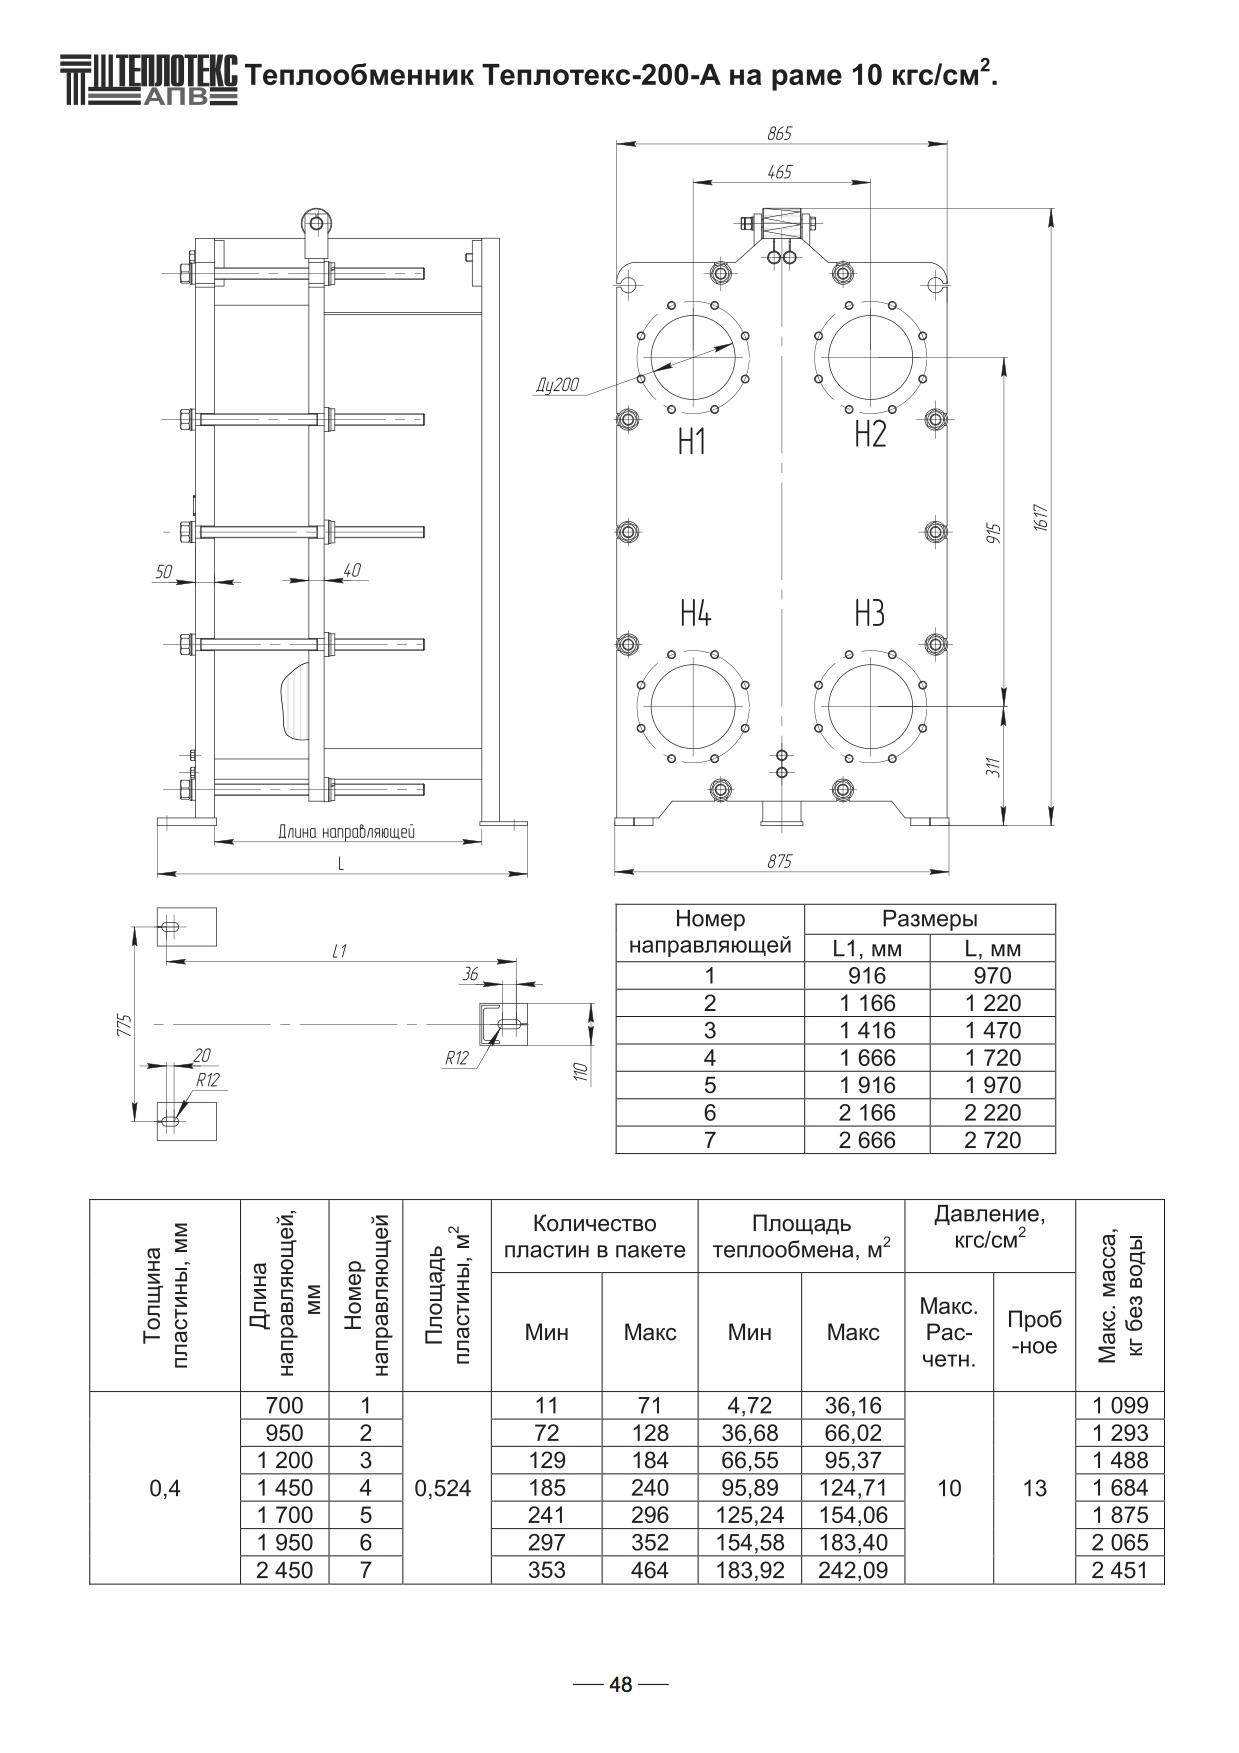 Уплотнения теплообменника APV J060 Челябинск Пластины теплообменника Теплохит ТИ 13 Липецк